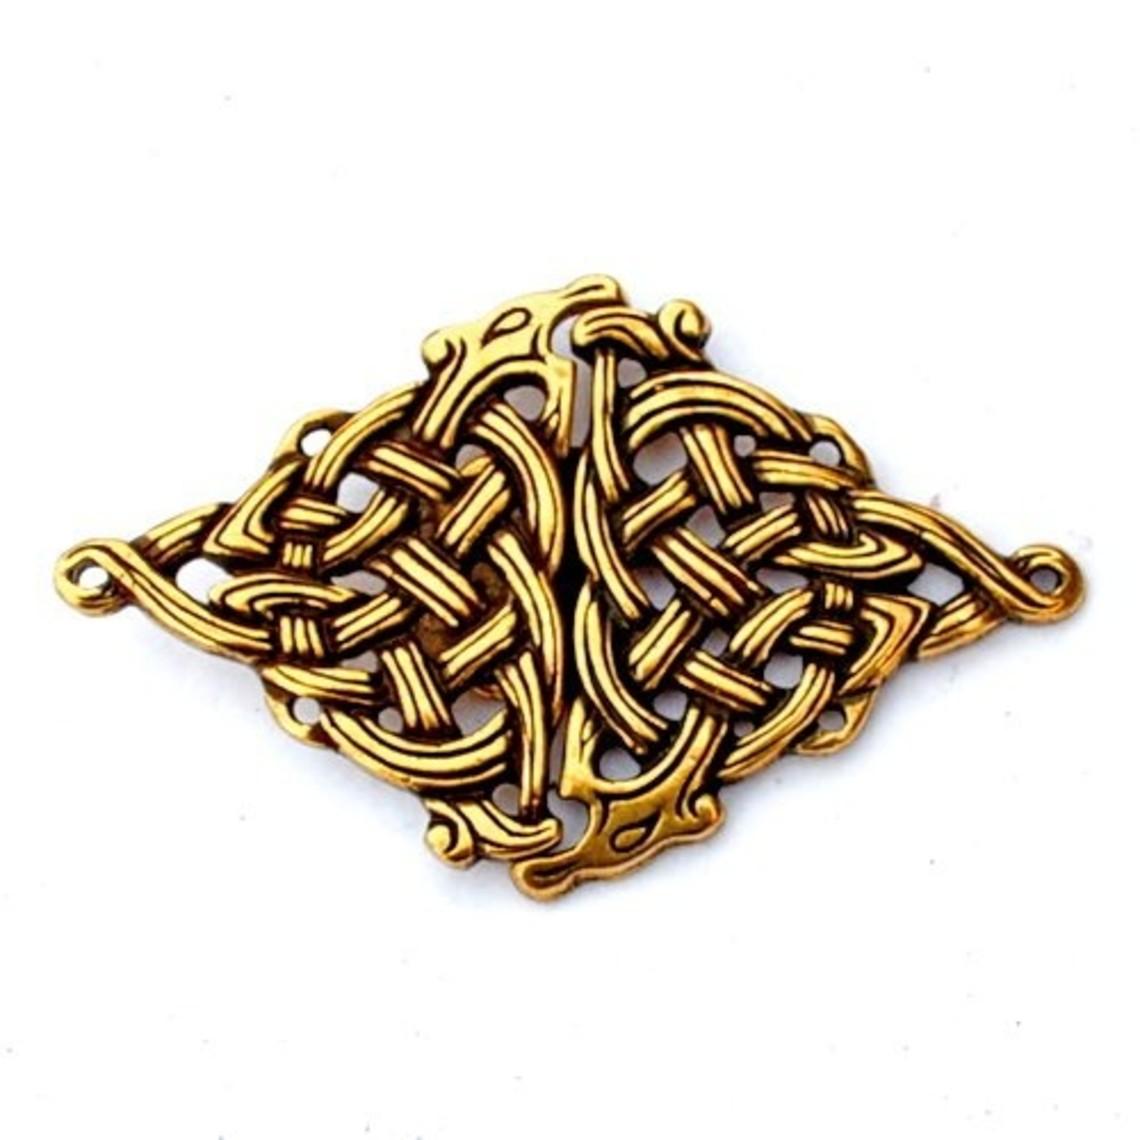 Celta broche de la capa, de color bronce